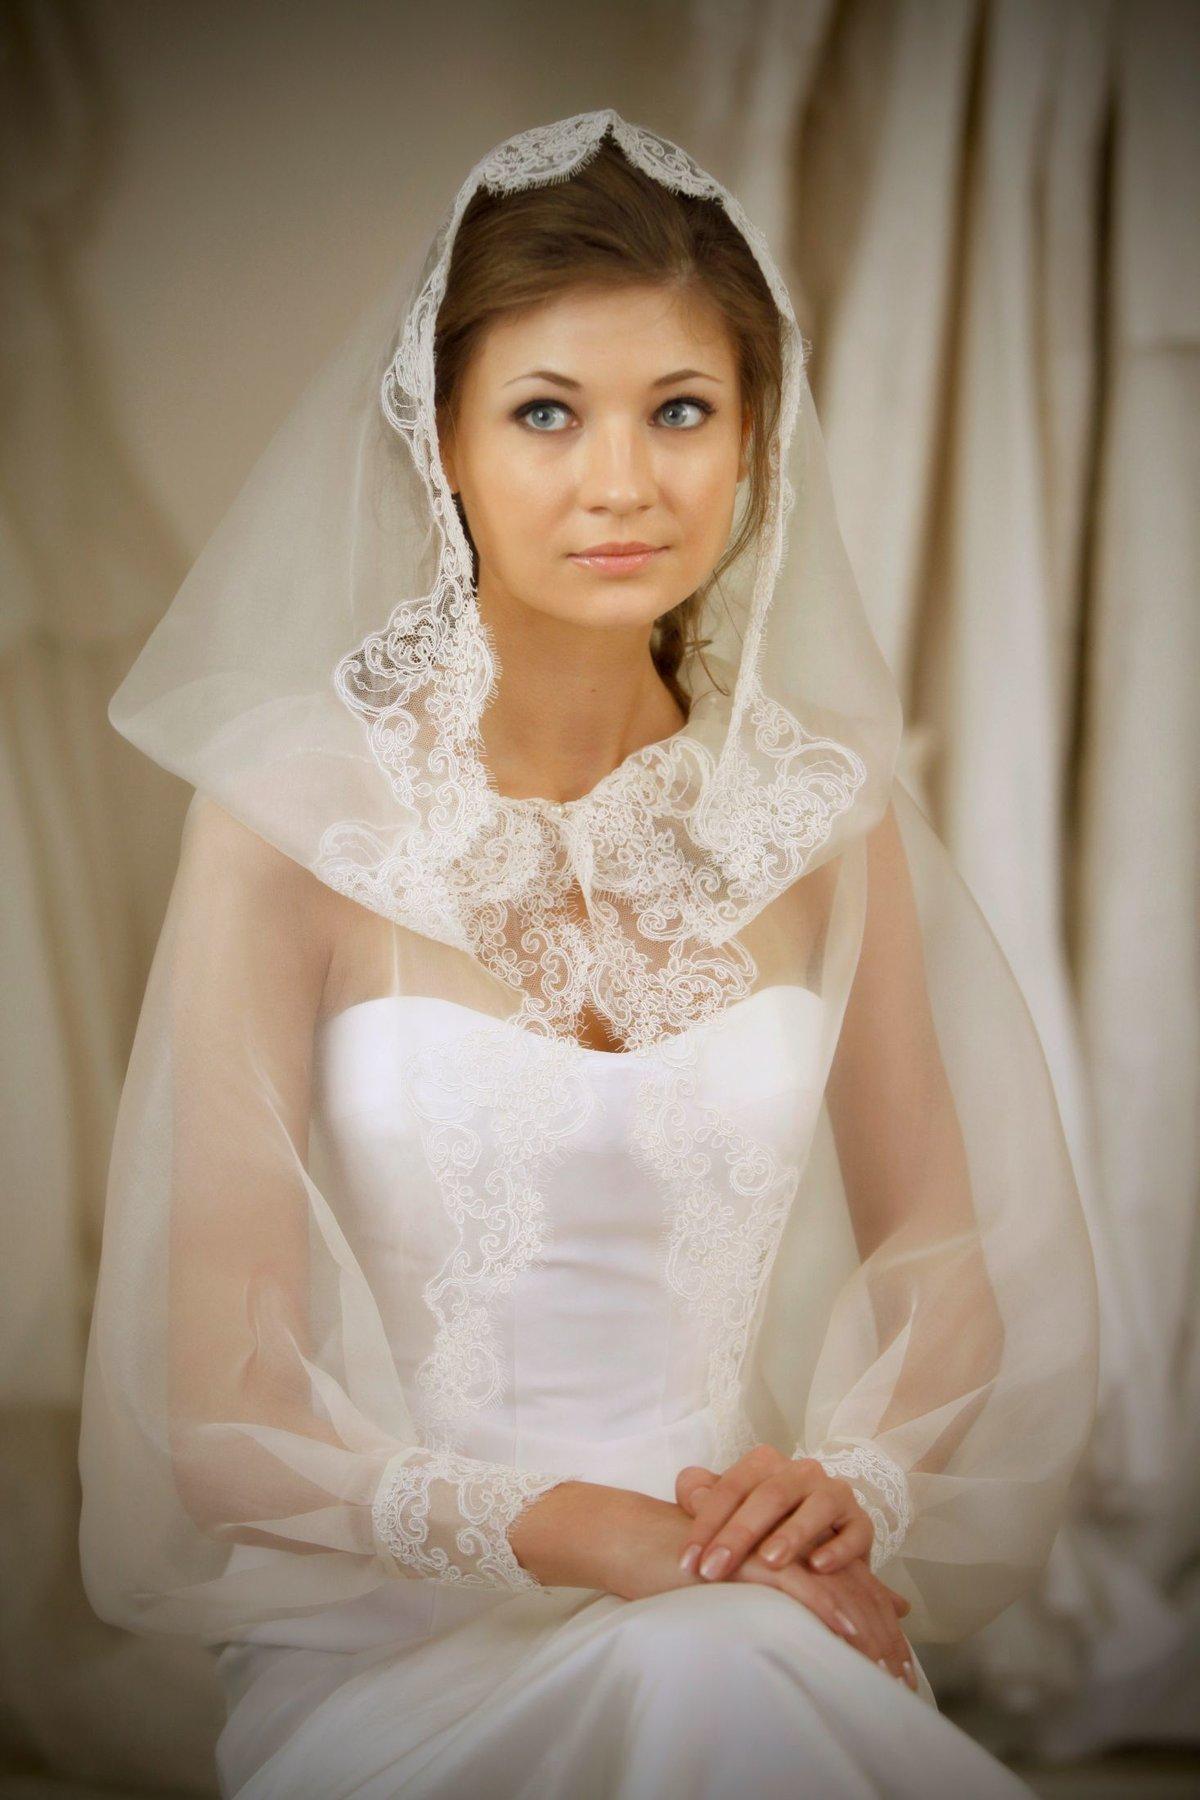 Накидки вместо фаты для венчания фото